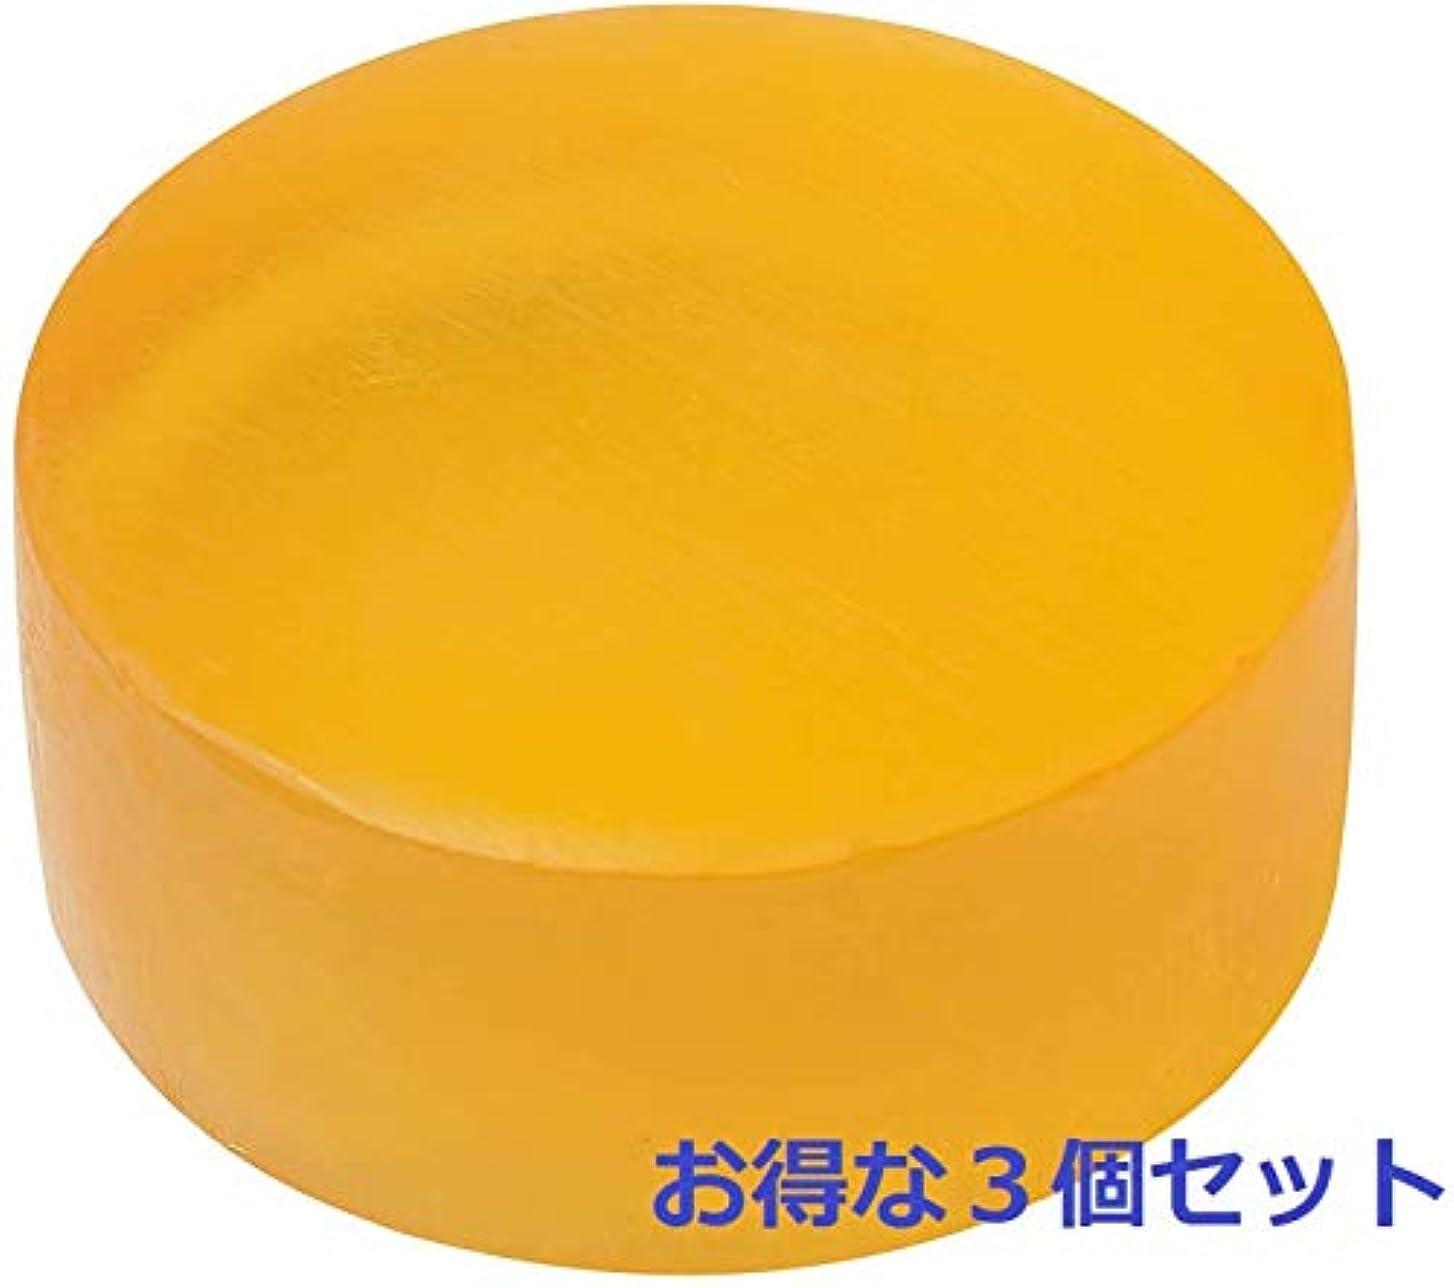 責定期的な暗記するプラスリストア クレンジングソープ 熟成 洗顔石鹸 メイク落とし 3個セット